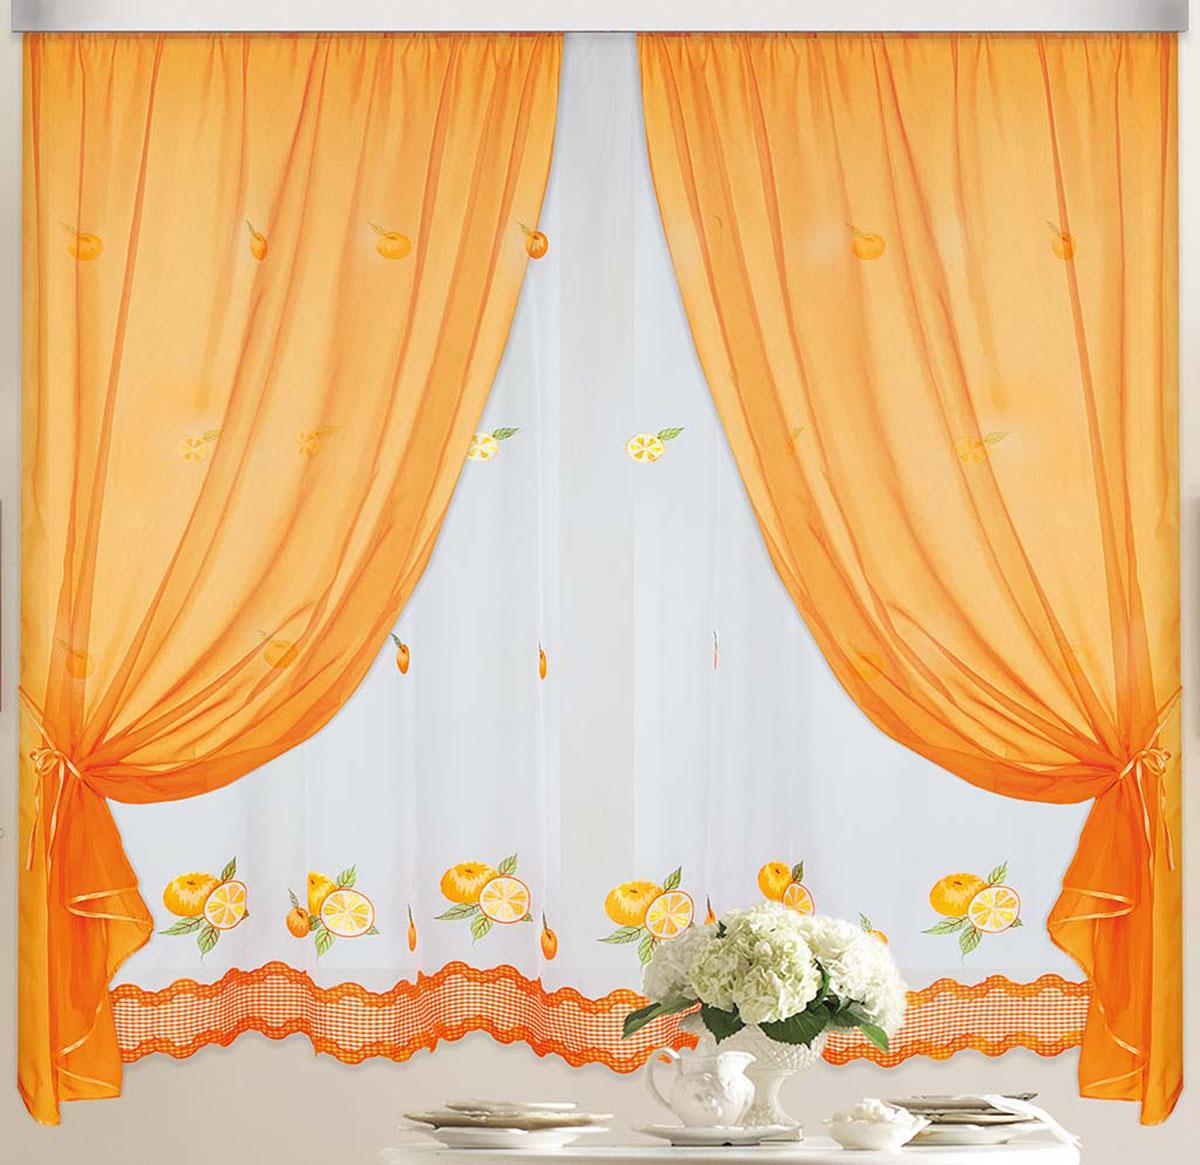 Штора Апельсин, на ленте, цвет: белый, оранжевый, высота 170 см81324Вуалевое полотно с вышивкой. Стирка не более 30 градусов